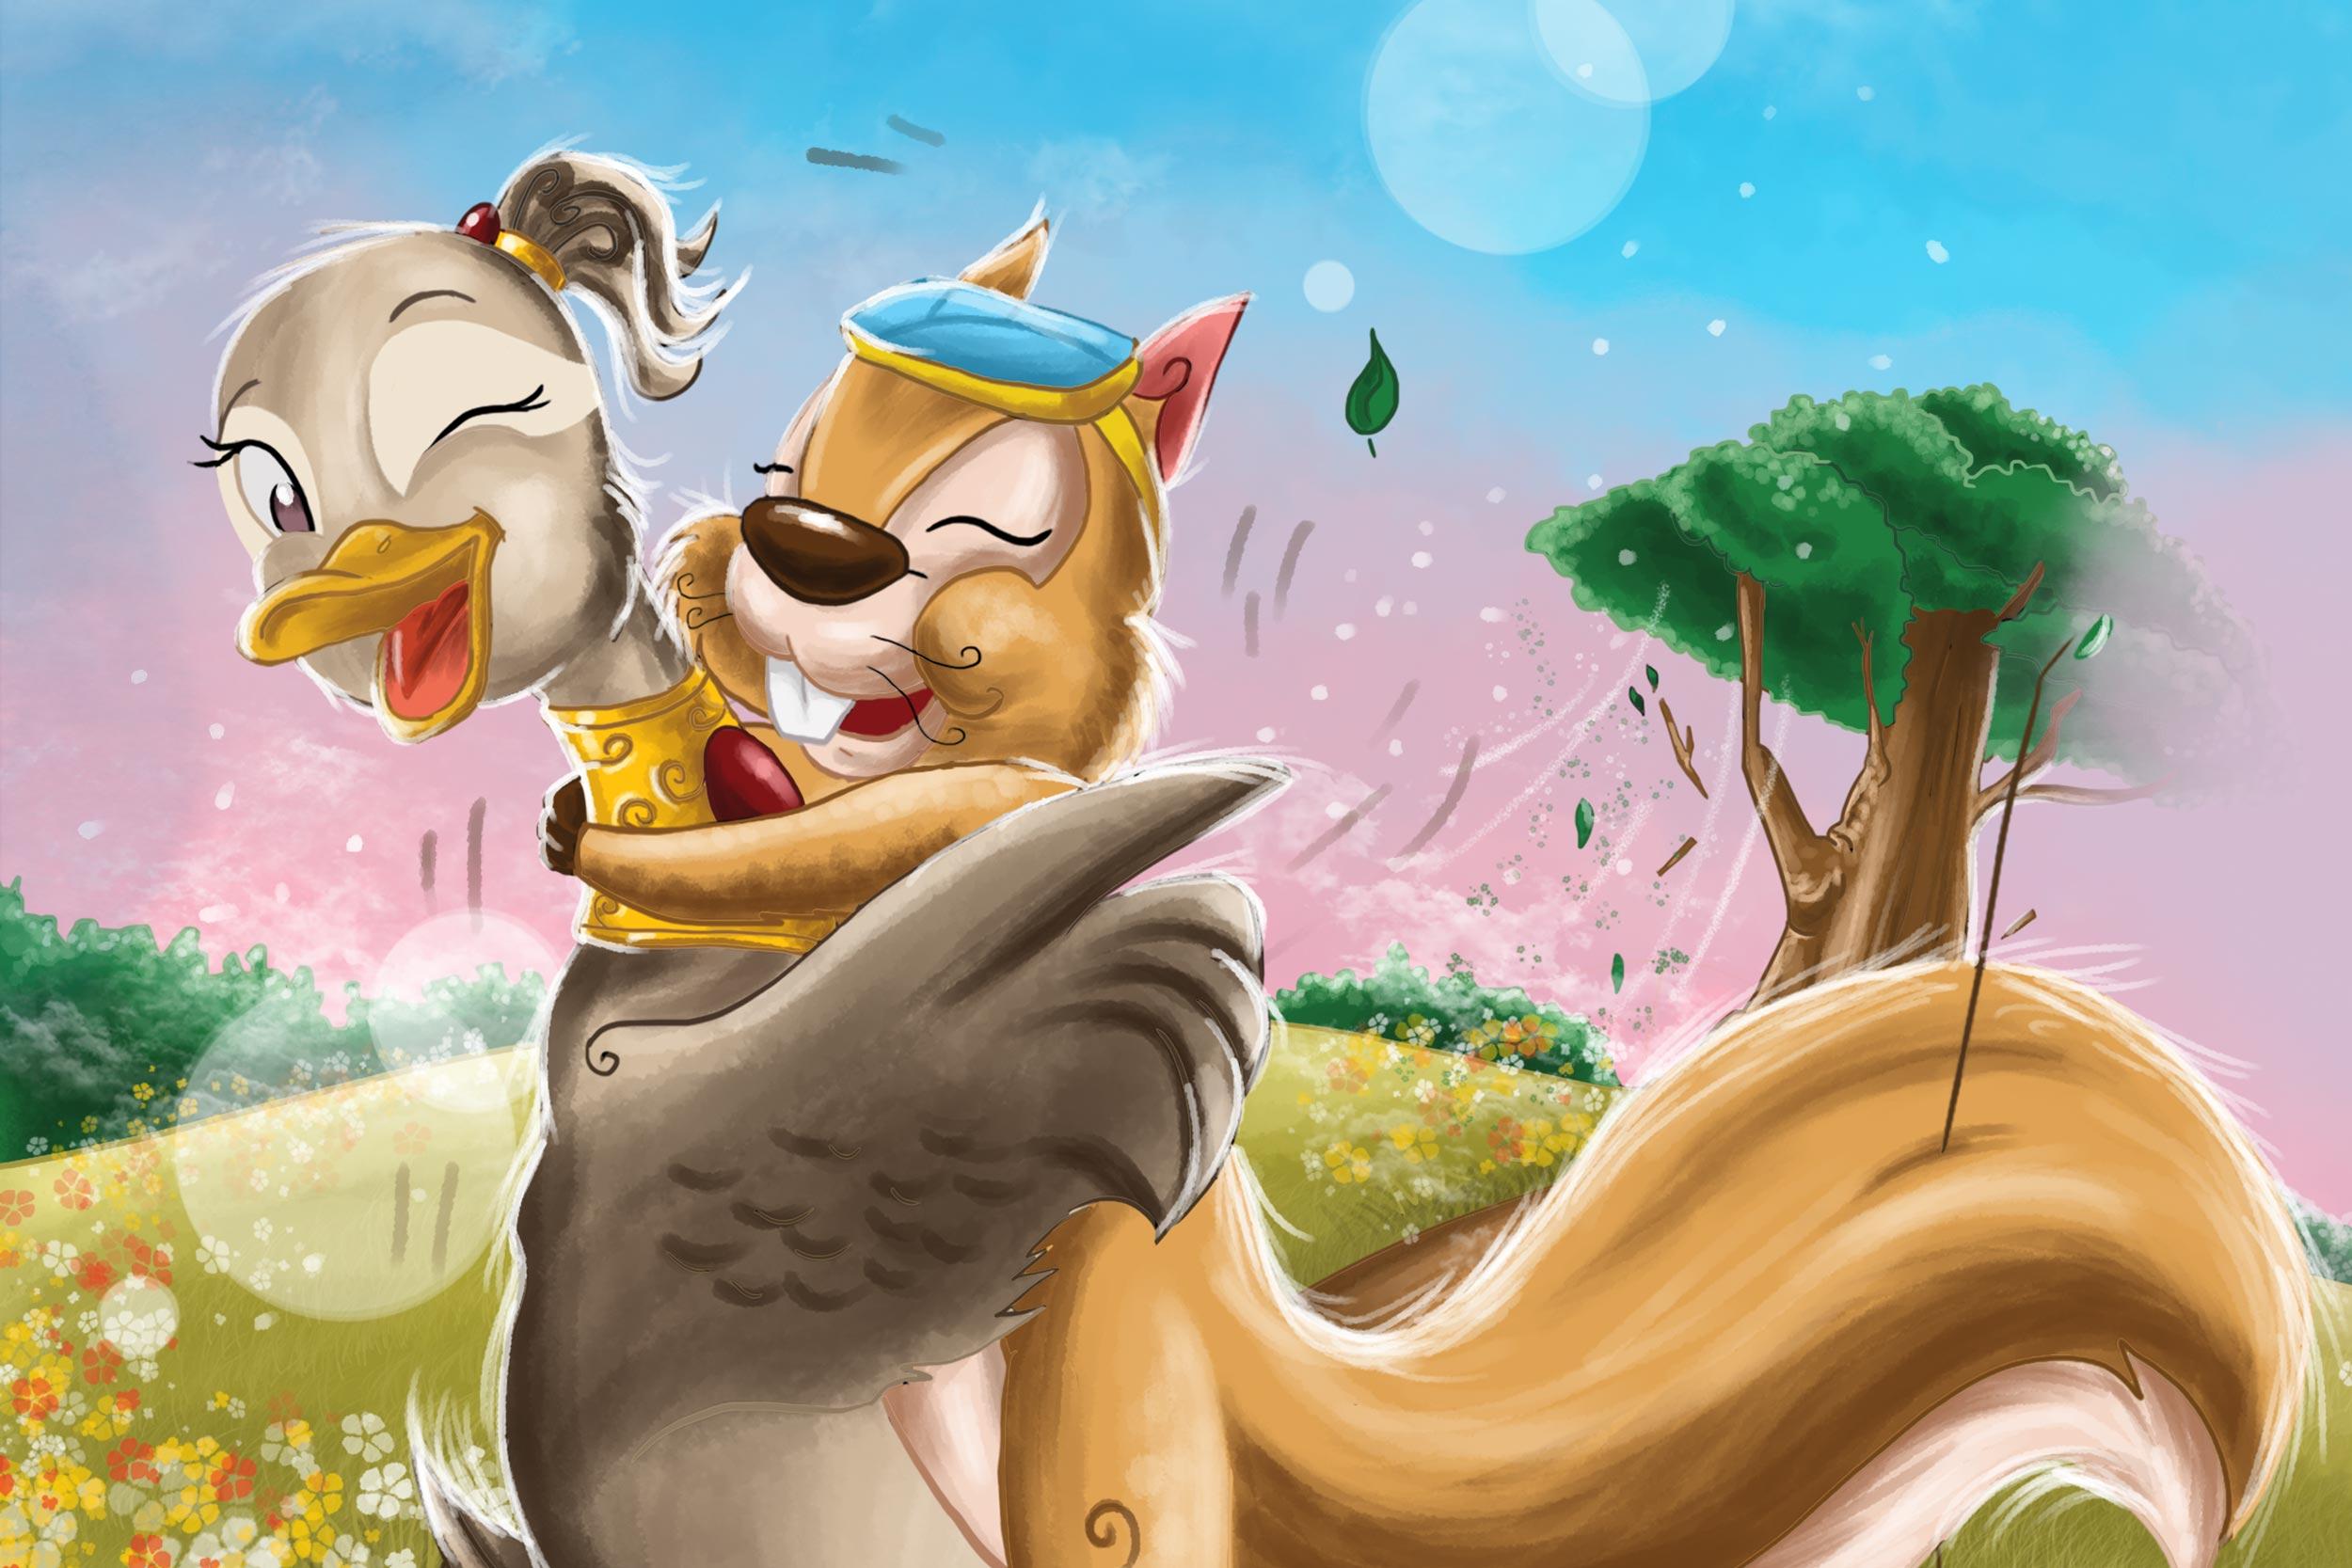 journey-of-puddle-christian-illustrated-children-books-illustration-6.jpg